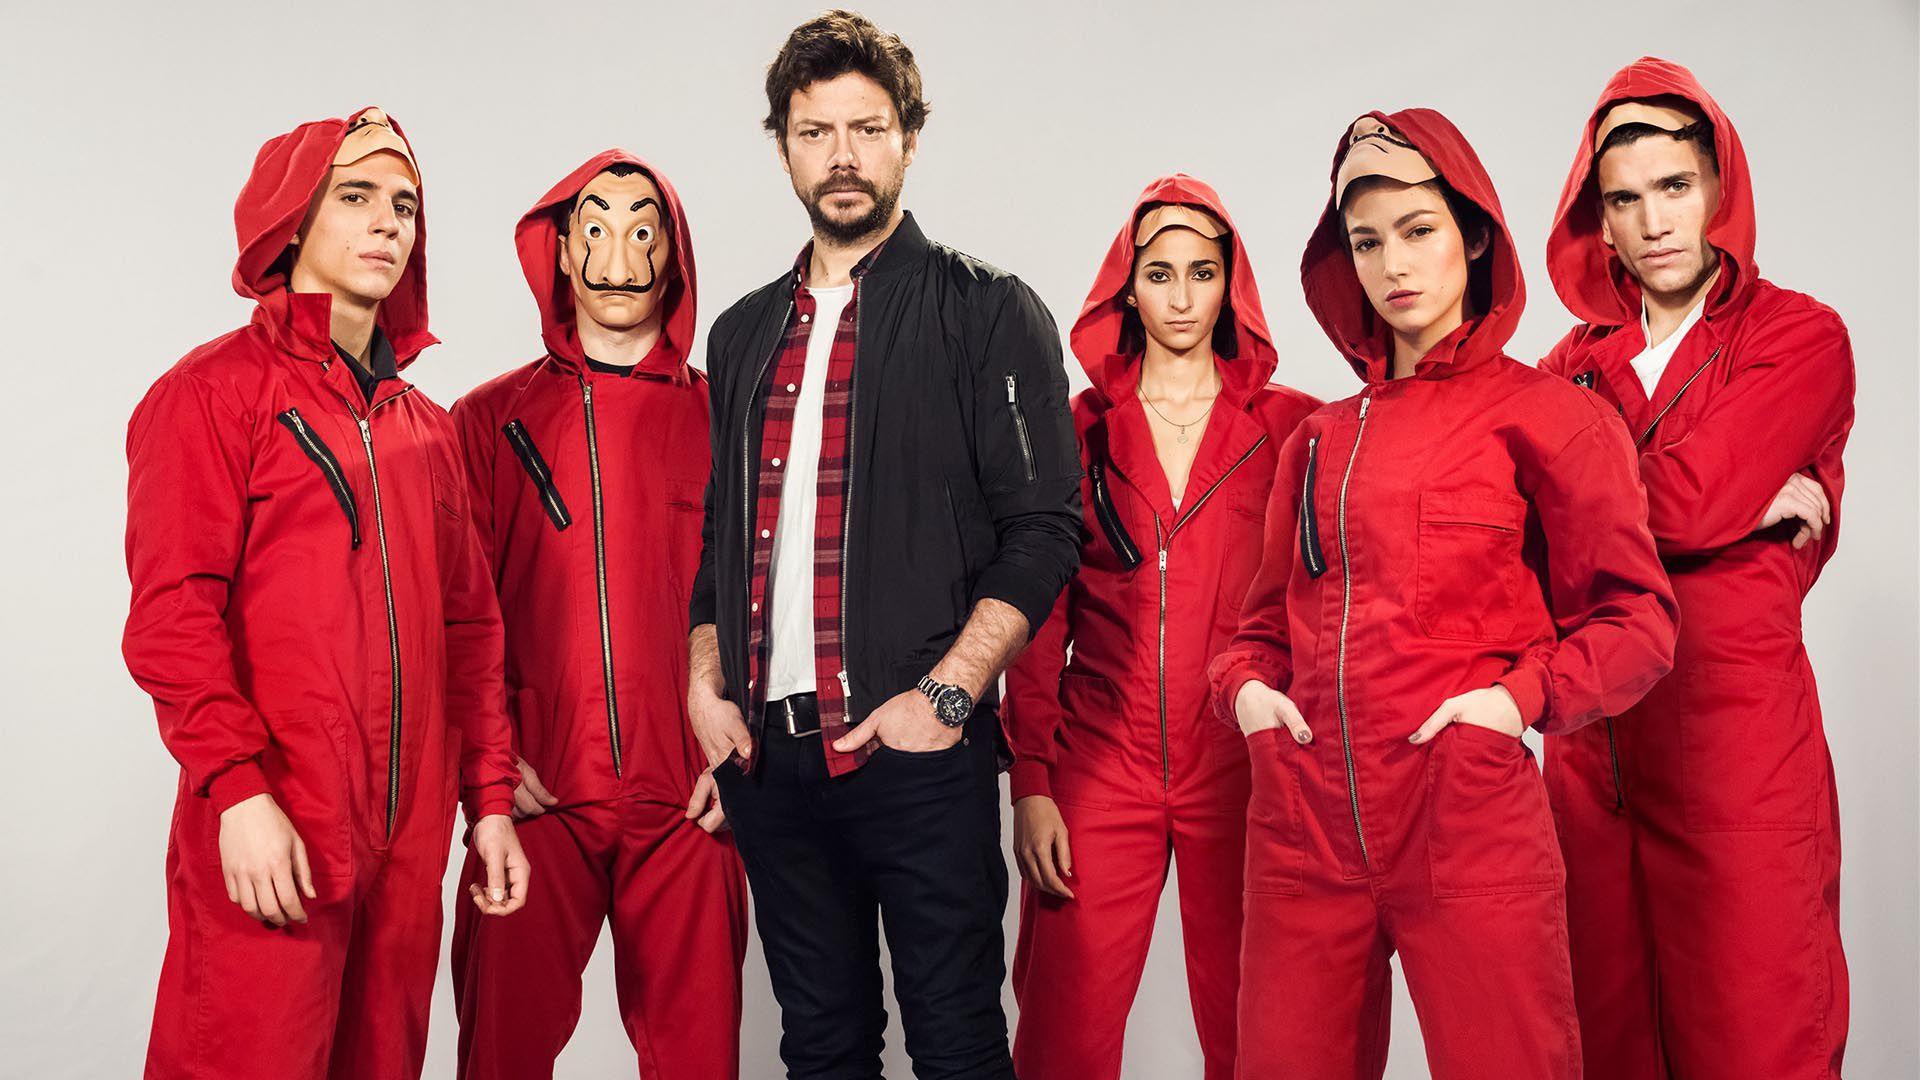 La cuarta temporada llega el 3 de abril (Netflix)